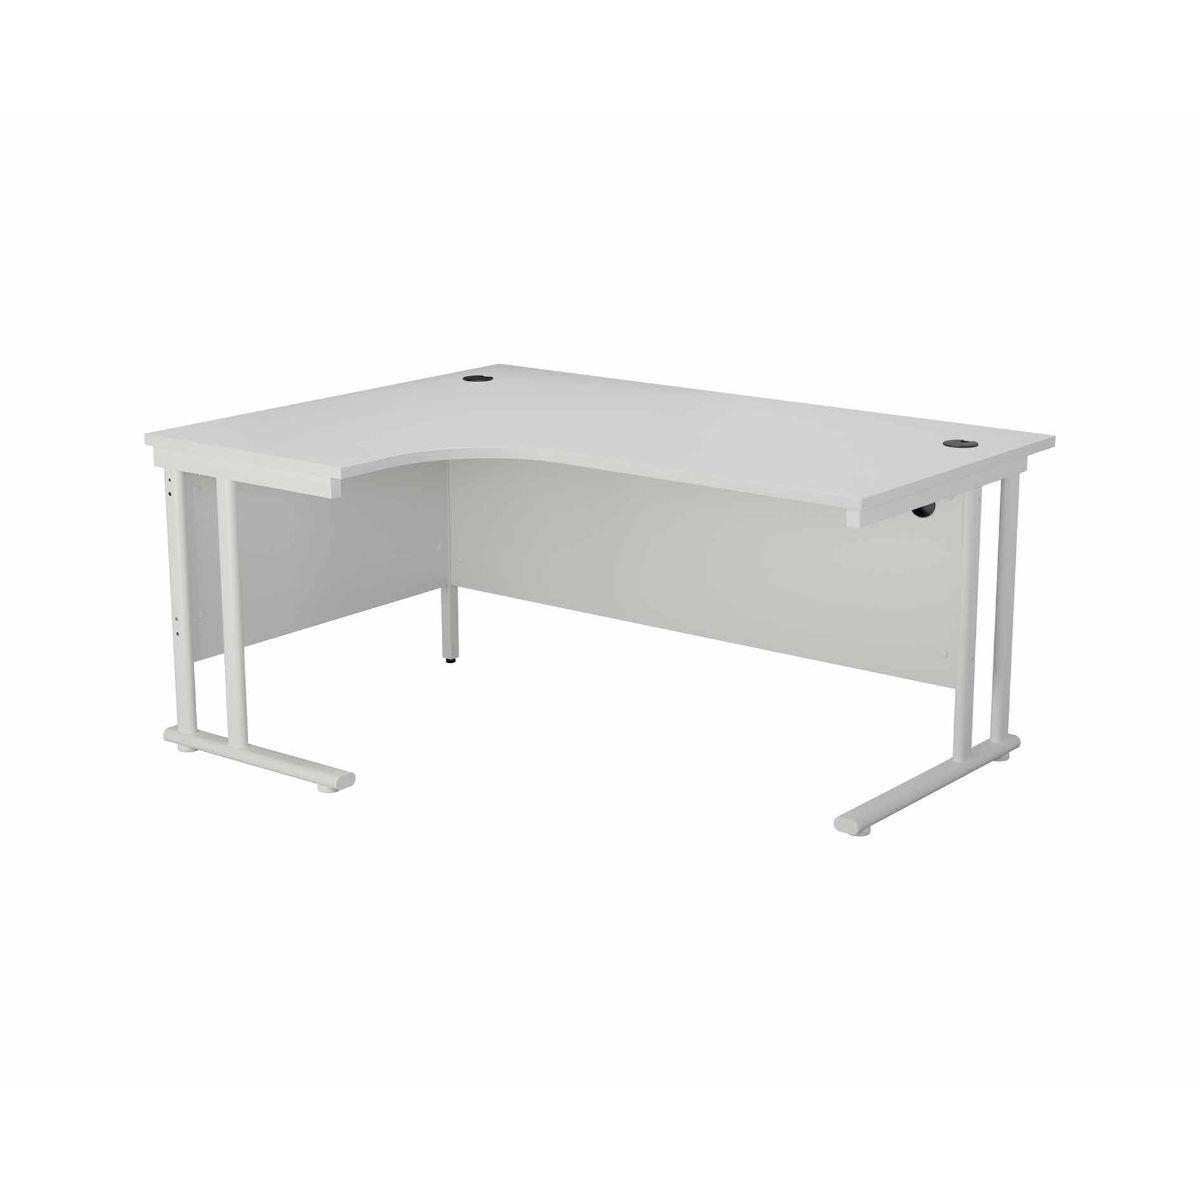 TC Office Start White Cantilever Frame Left Hand Crescent Desk 1600x1200mm White